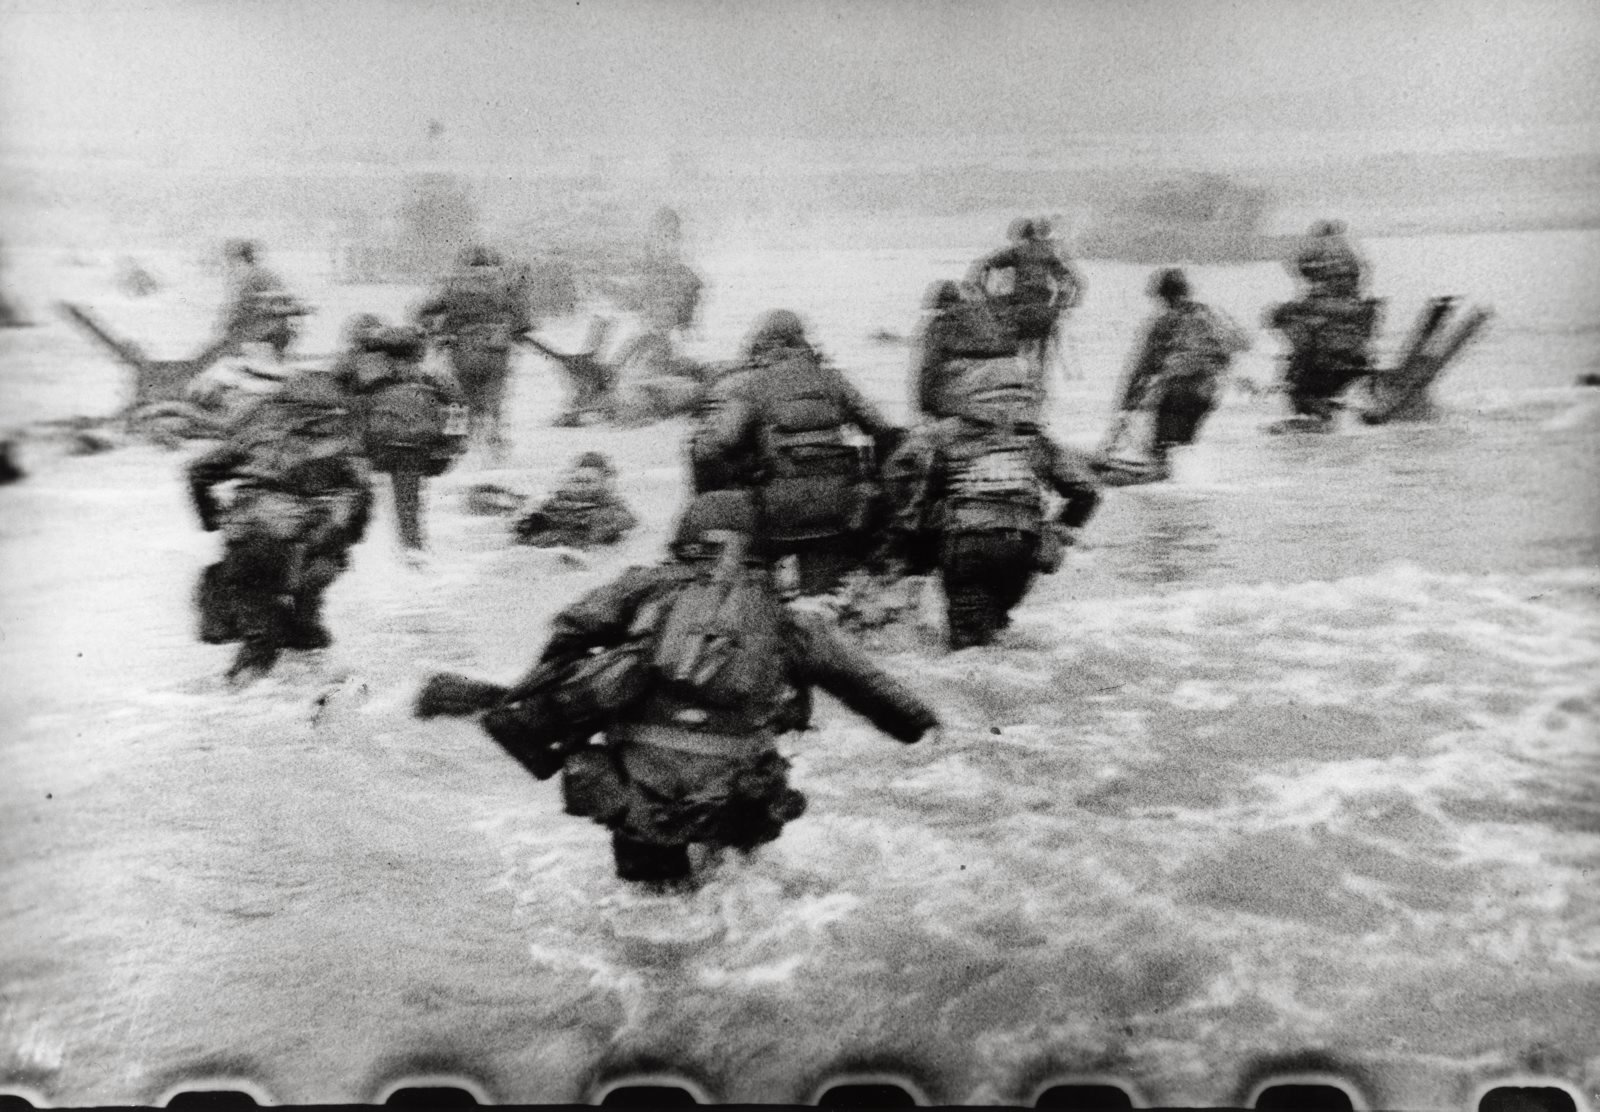 Robert Capa desembarco Normandia dia D 3. Primeras fotos del Desembarco de Normandía